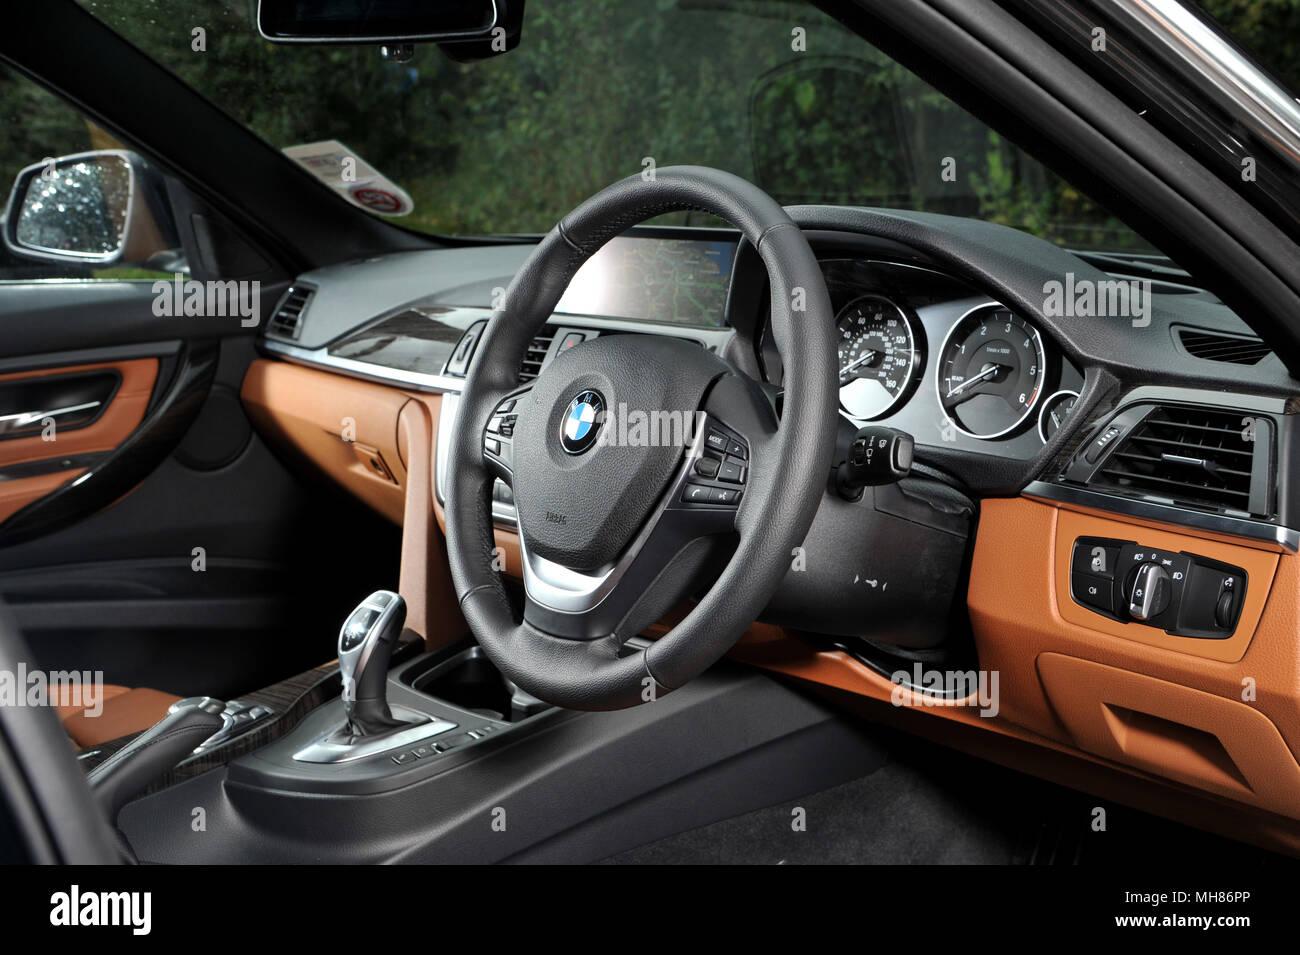 Bmw F30 Stock Photos Bmw F30 Stock Images Alamy